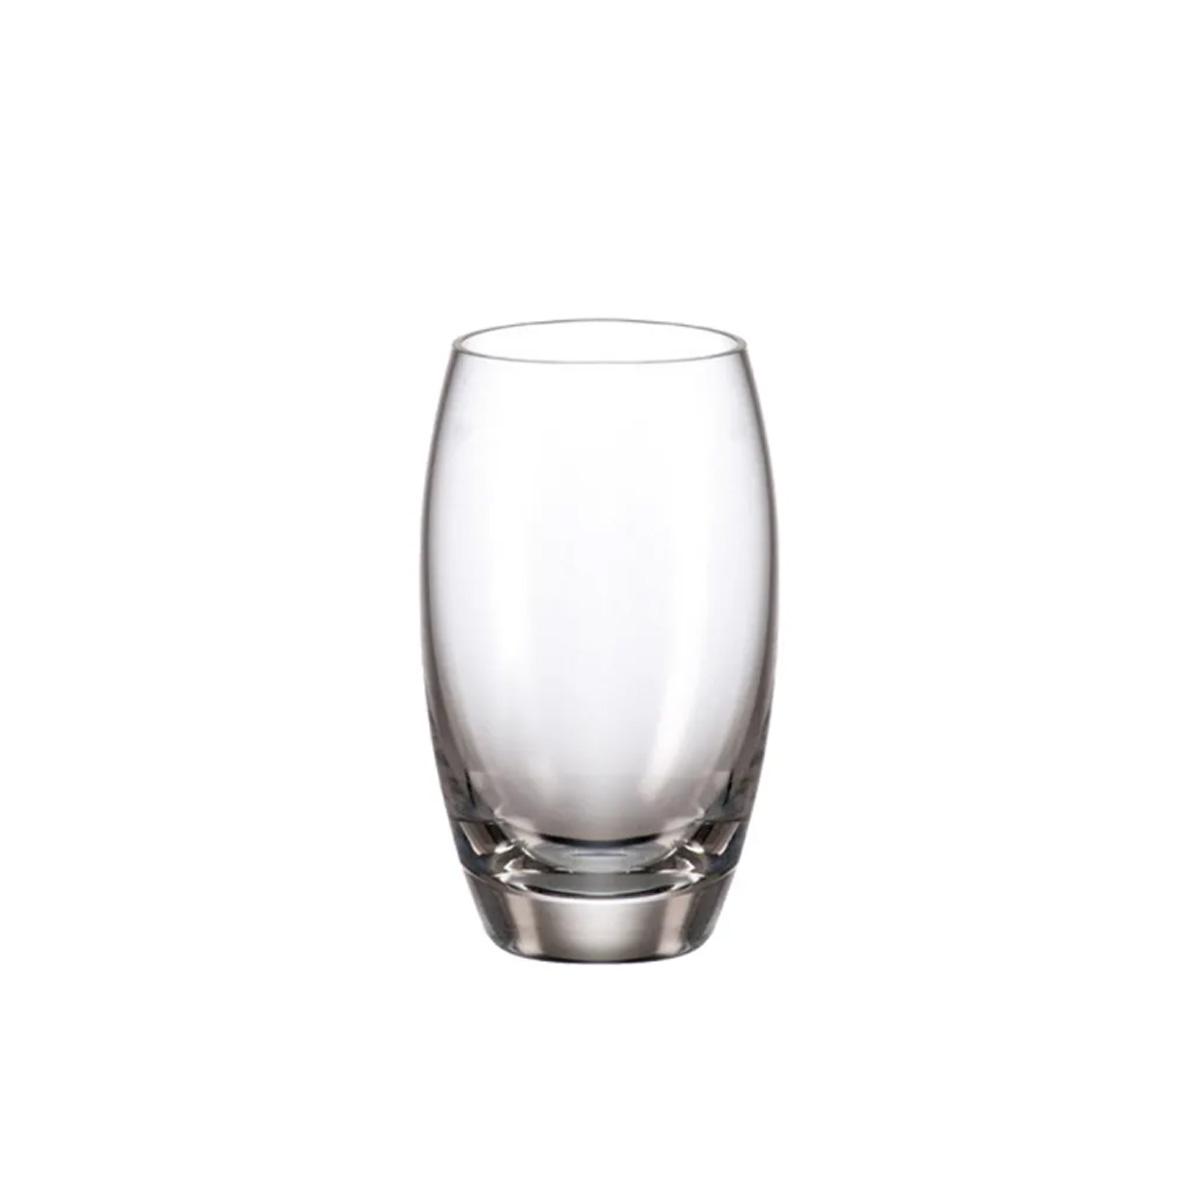 Čaša za rakiju Cheers 60369